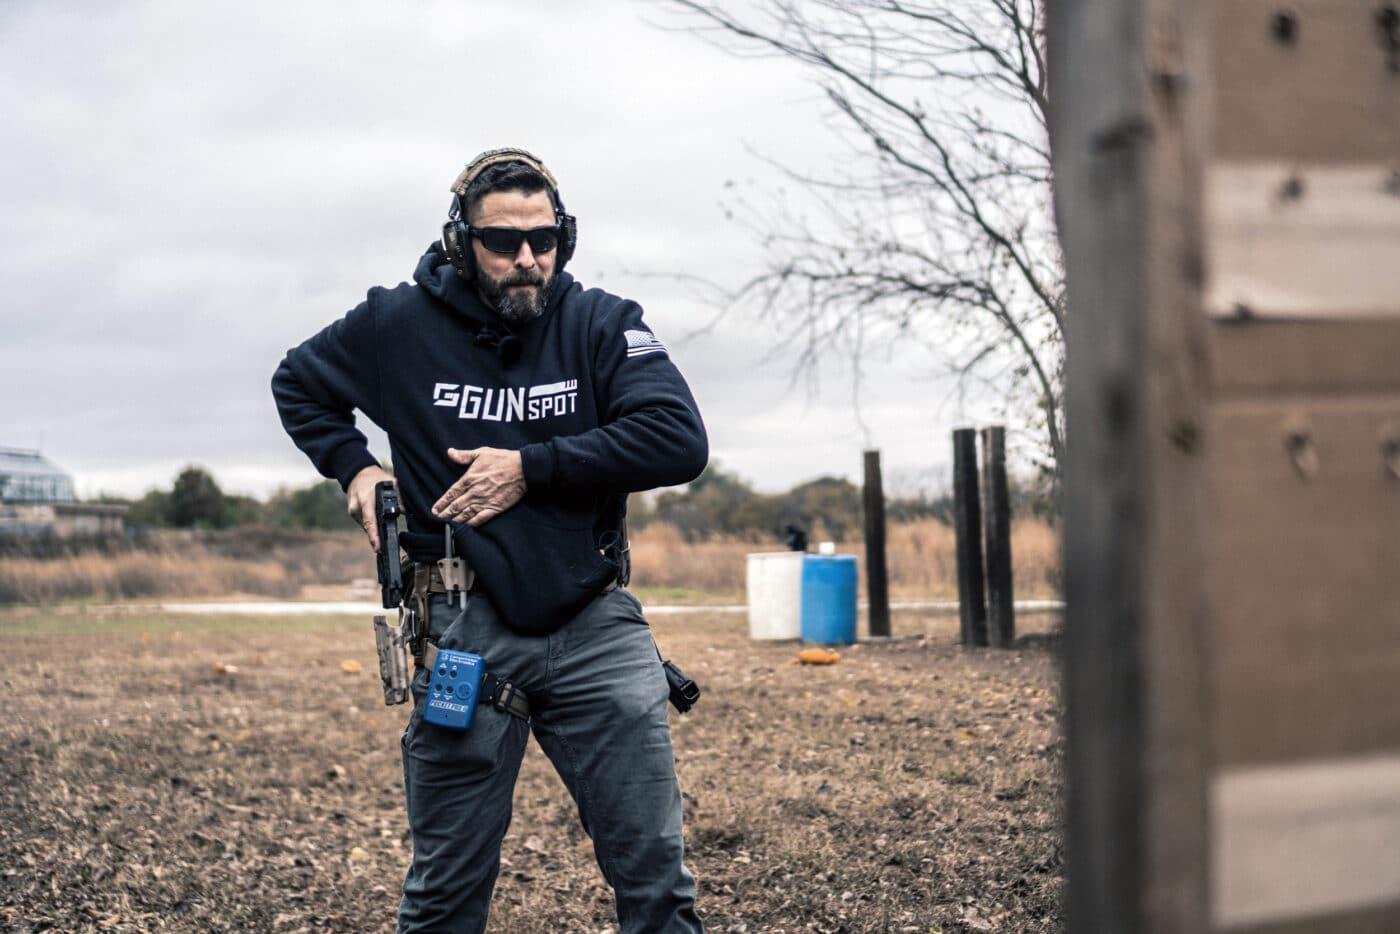 Man drawing pistol during combat marksmanship training